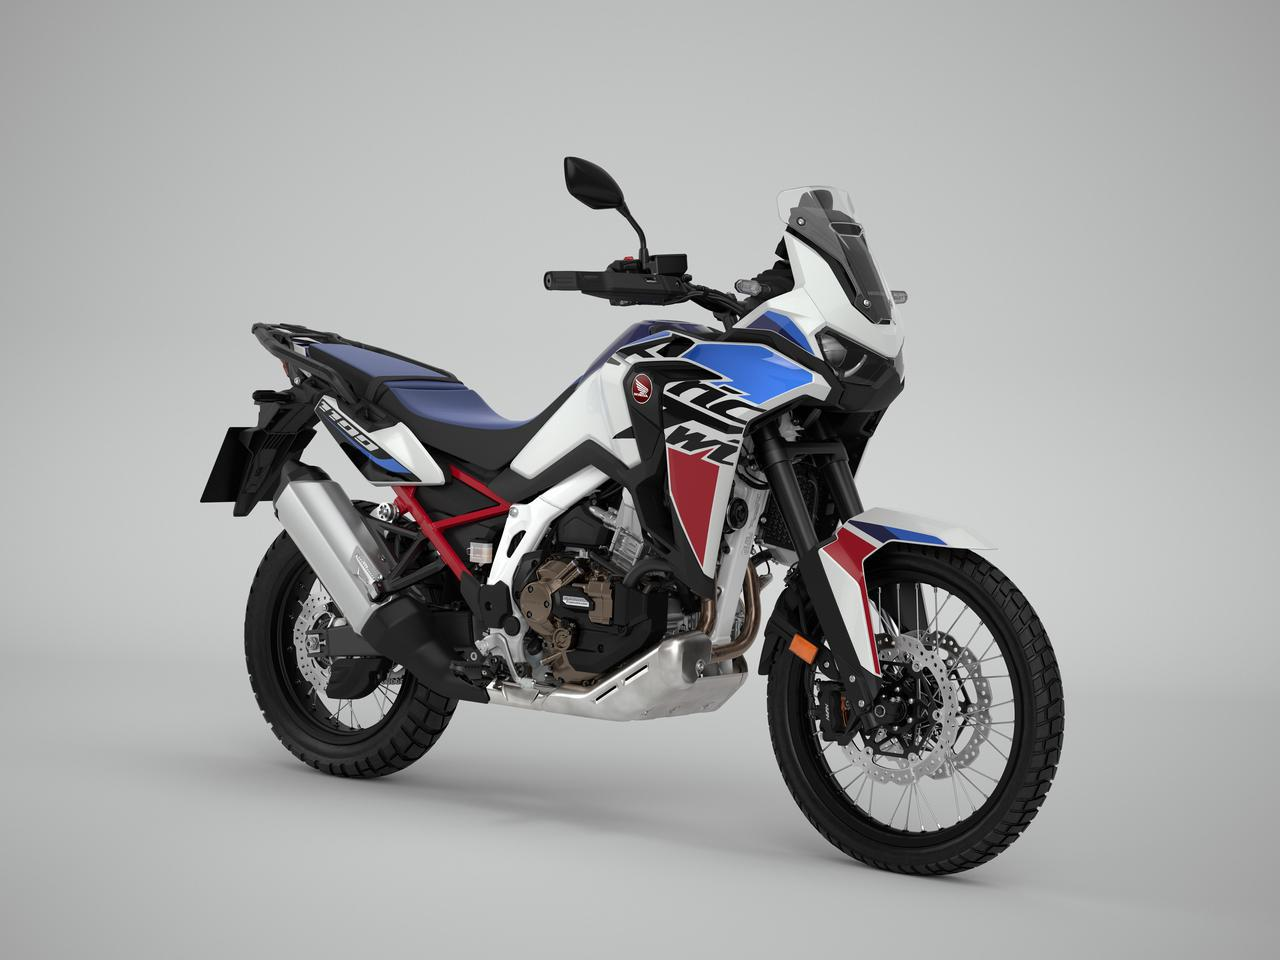 画像: Honda CRF1100L AFRICA TWIN 海外仕様・2022年モデル 総排気量:1084cc エンジン形式:水冷4ストOHC4バルブ並列2気筒 シート高:850/870mm 車両重量:226kg(DCT仕様・236kg)